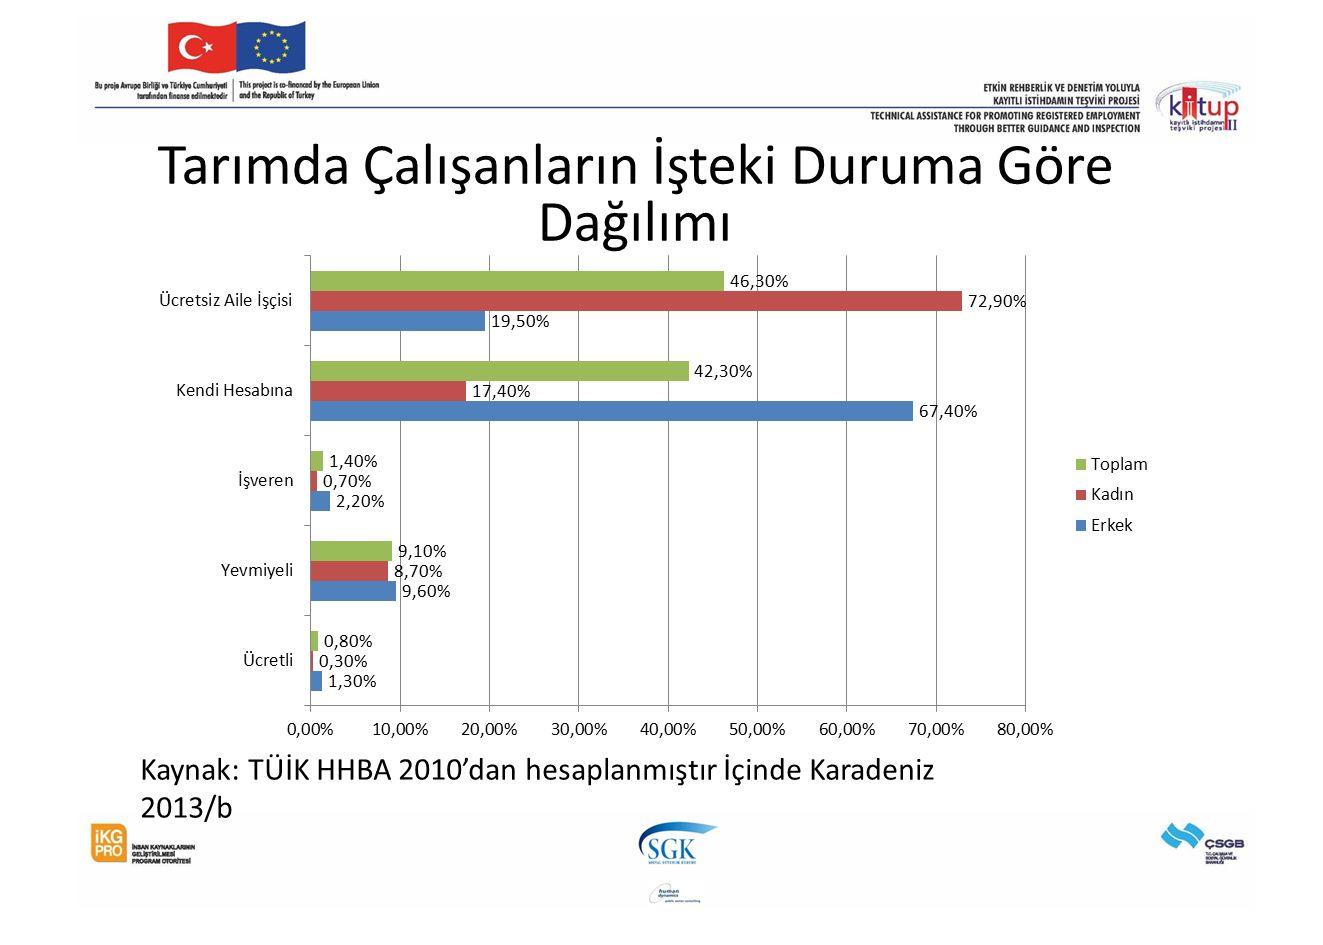 Tarımda Çalışanların İşteki Duruma Göre Dağılımı Kaynak: TÜİK HHBA 2010'dan hesaplanmıştır İçinde Karadeniz 2013/b